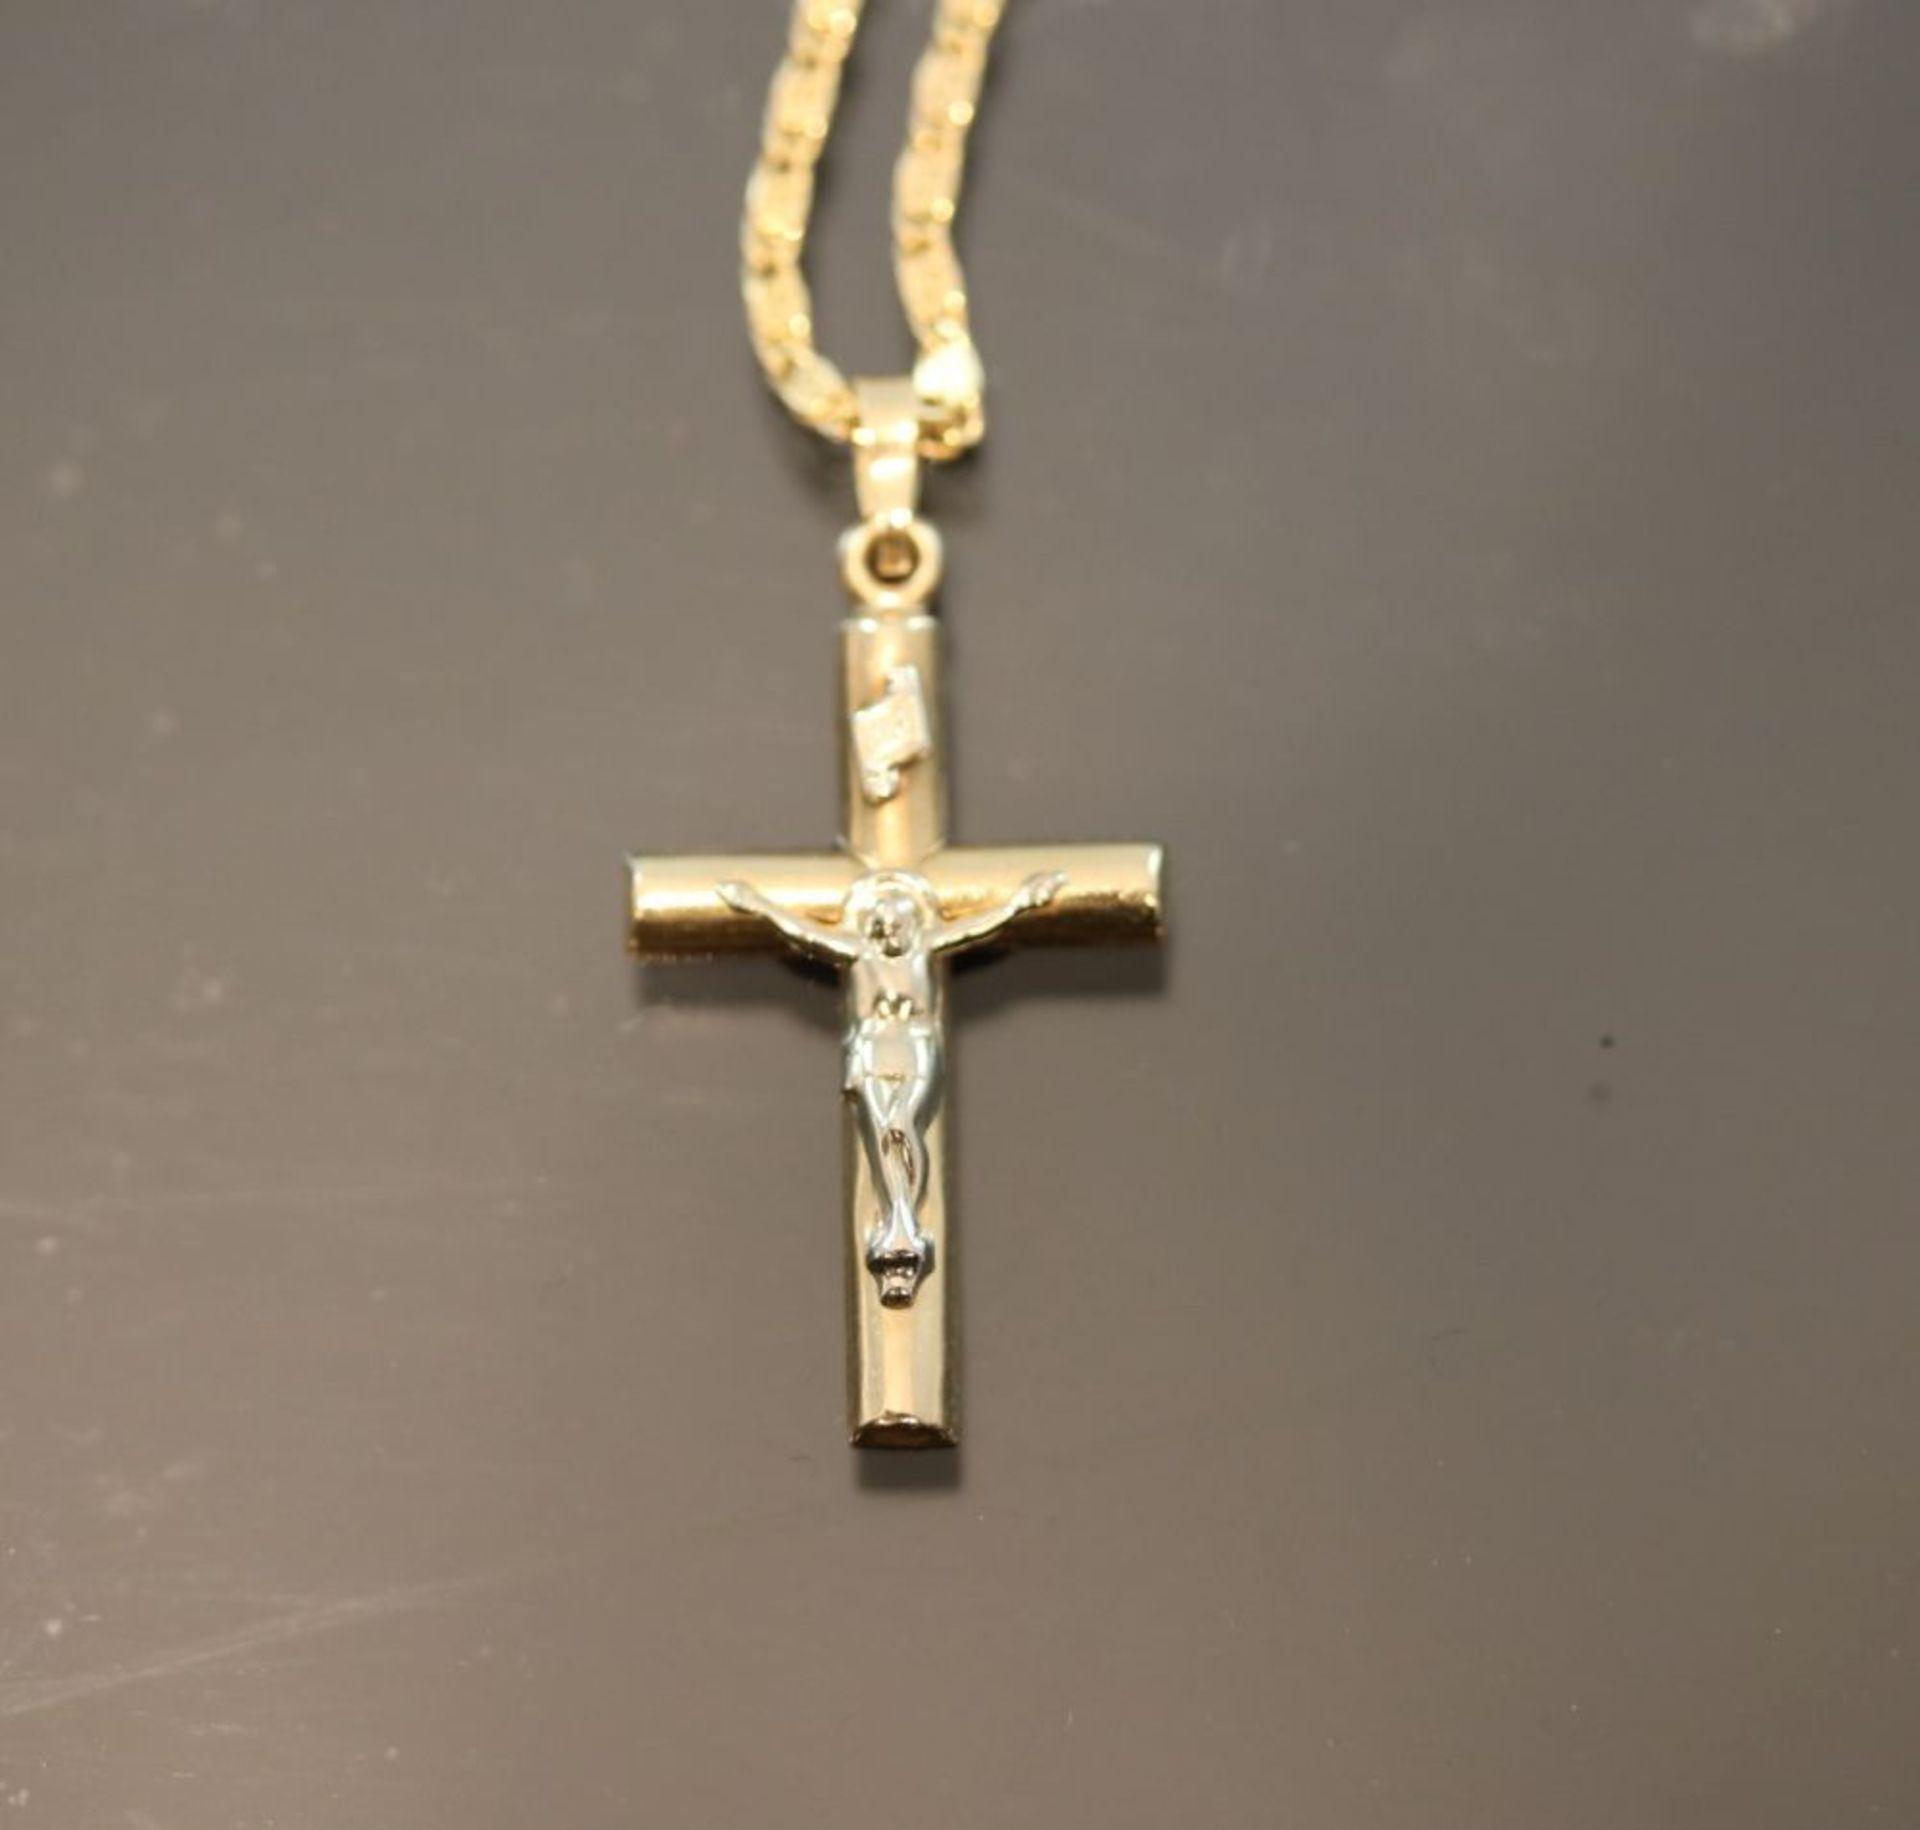 Kreuzanhänger mit Kette, 585 Gold